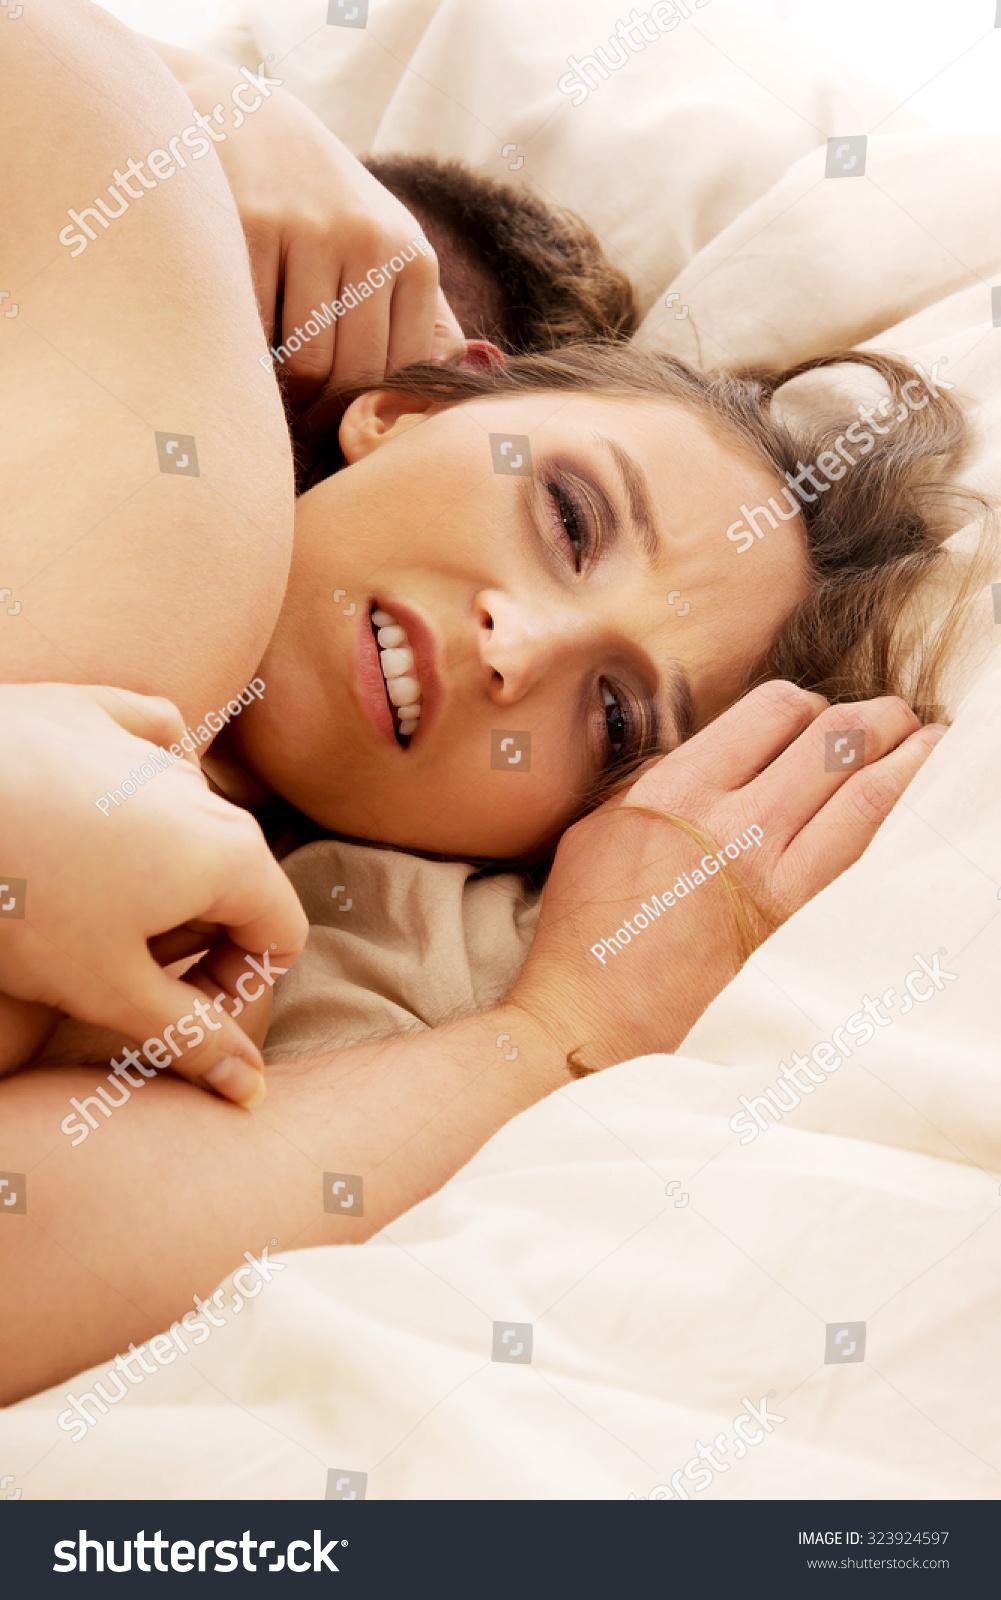 bedroom hetero